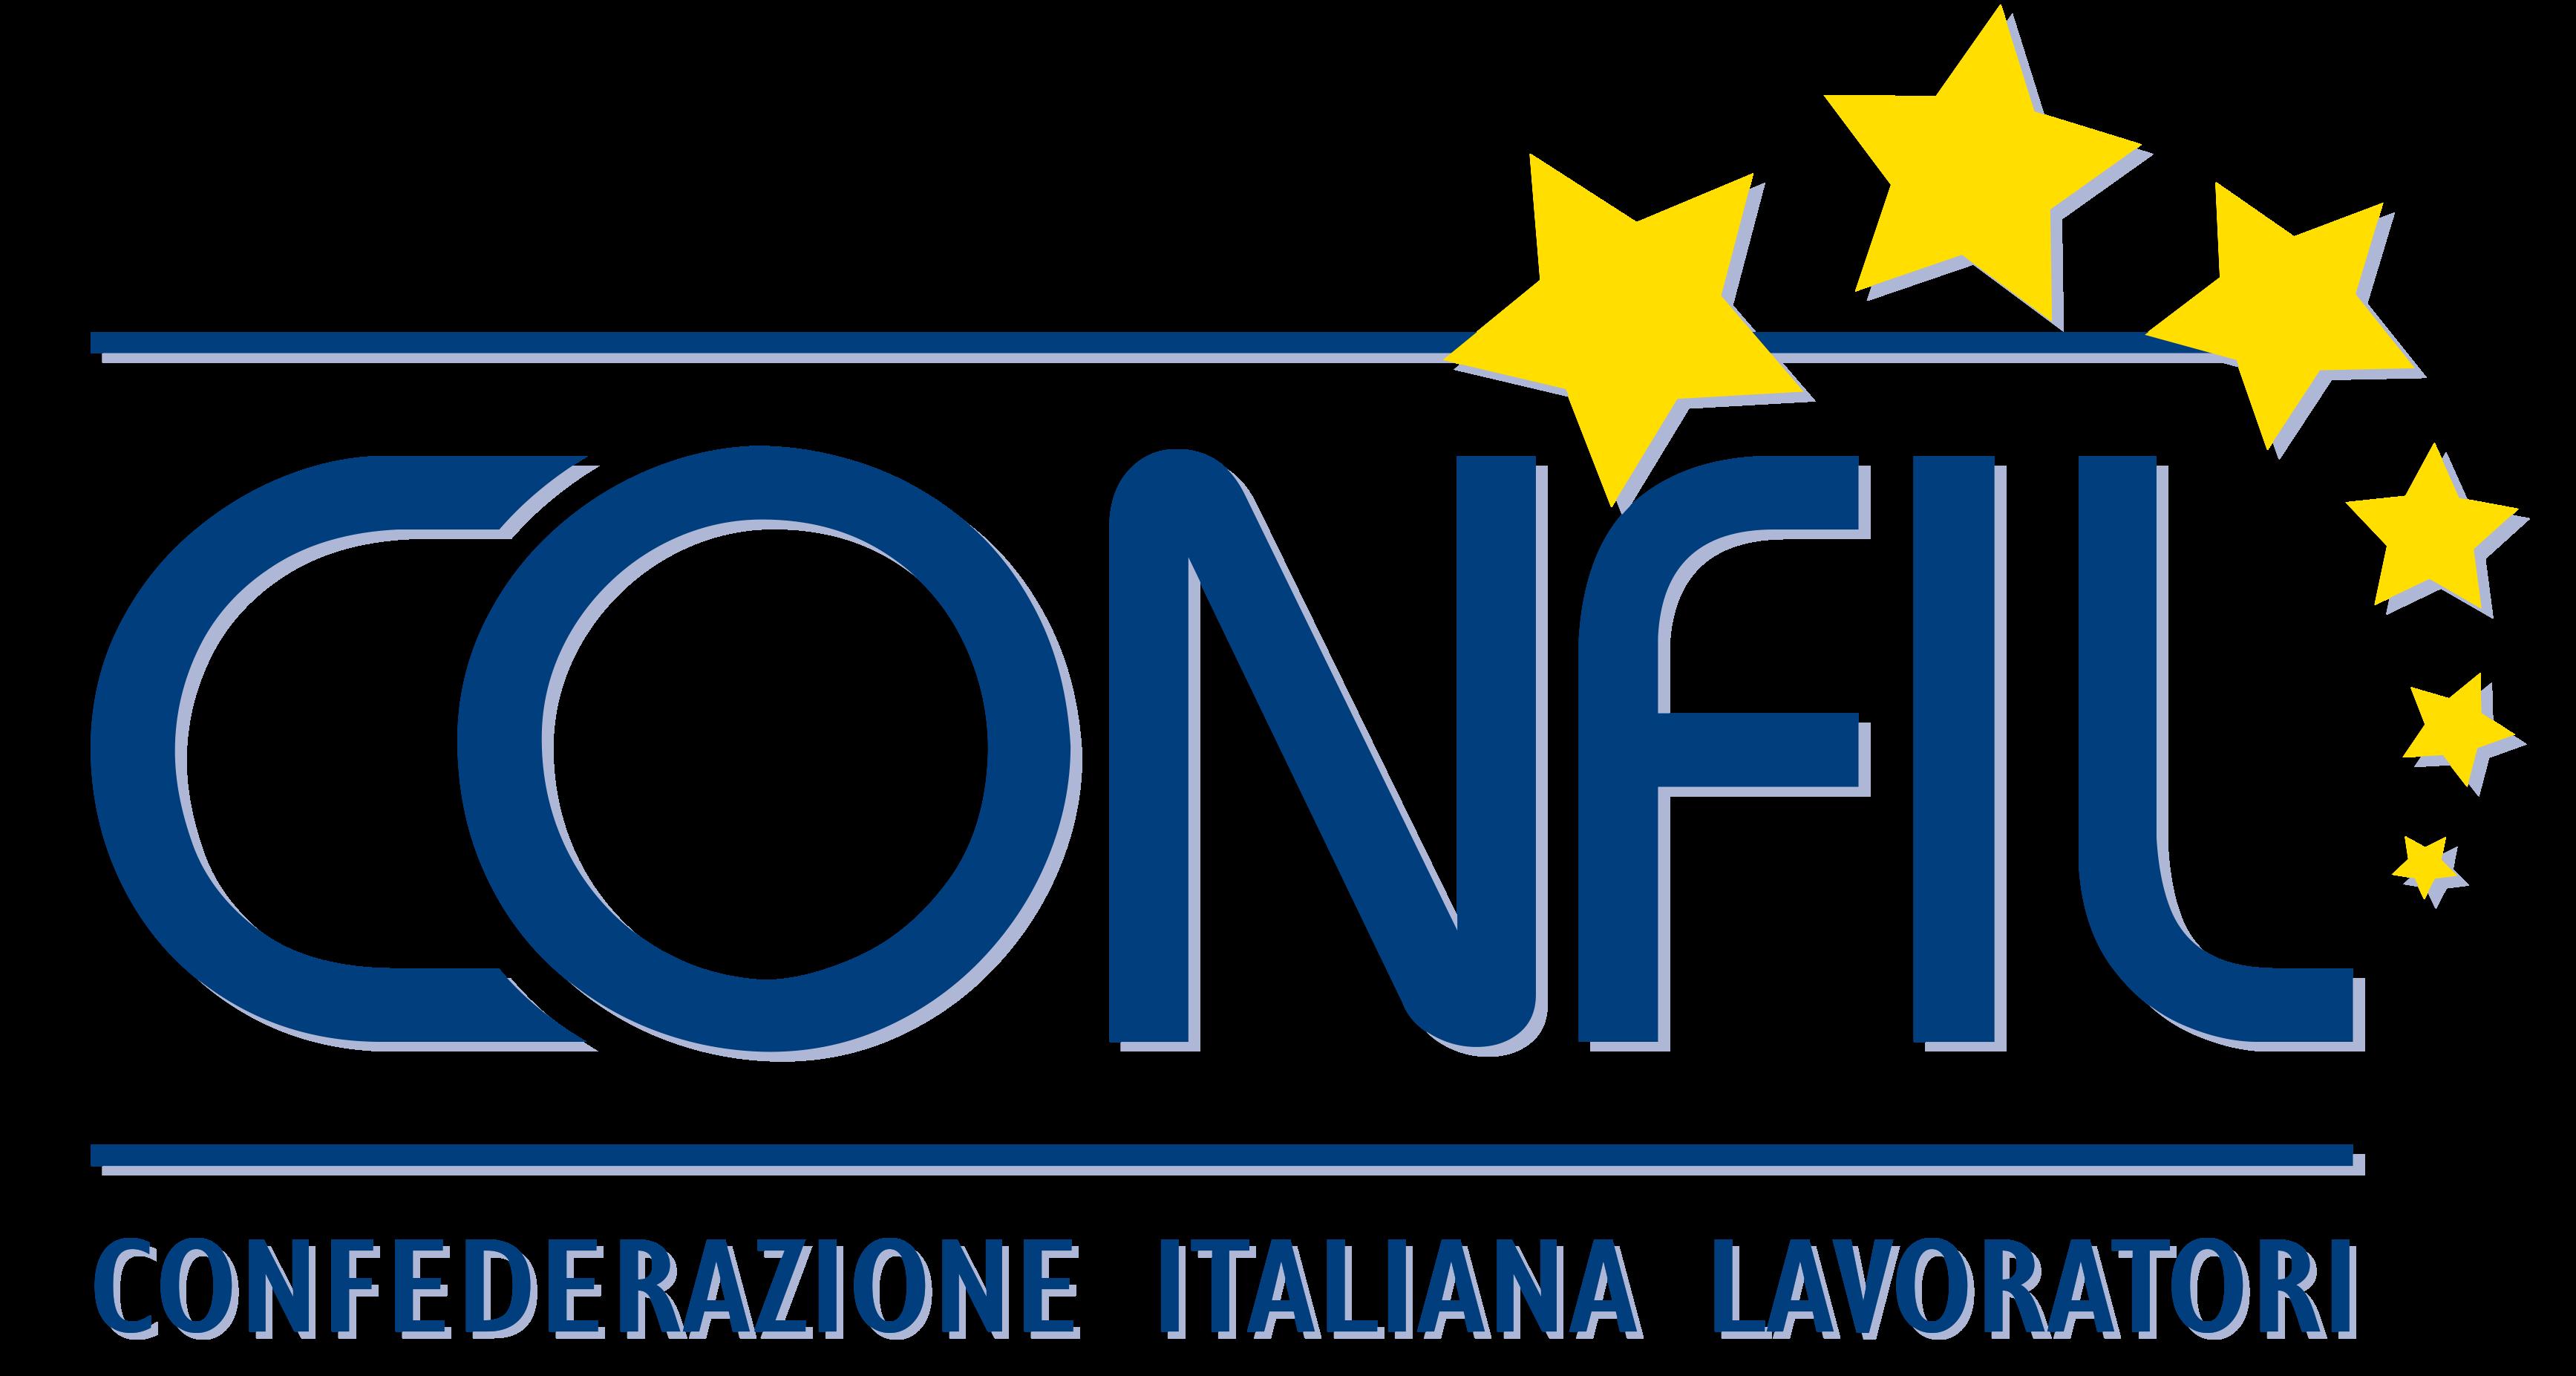 Confederazione Italiana Lavoratori